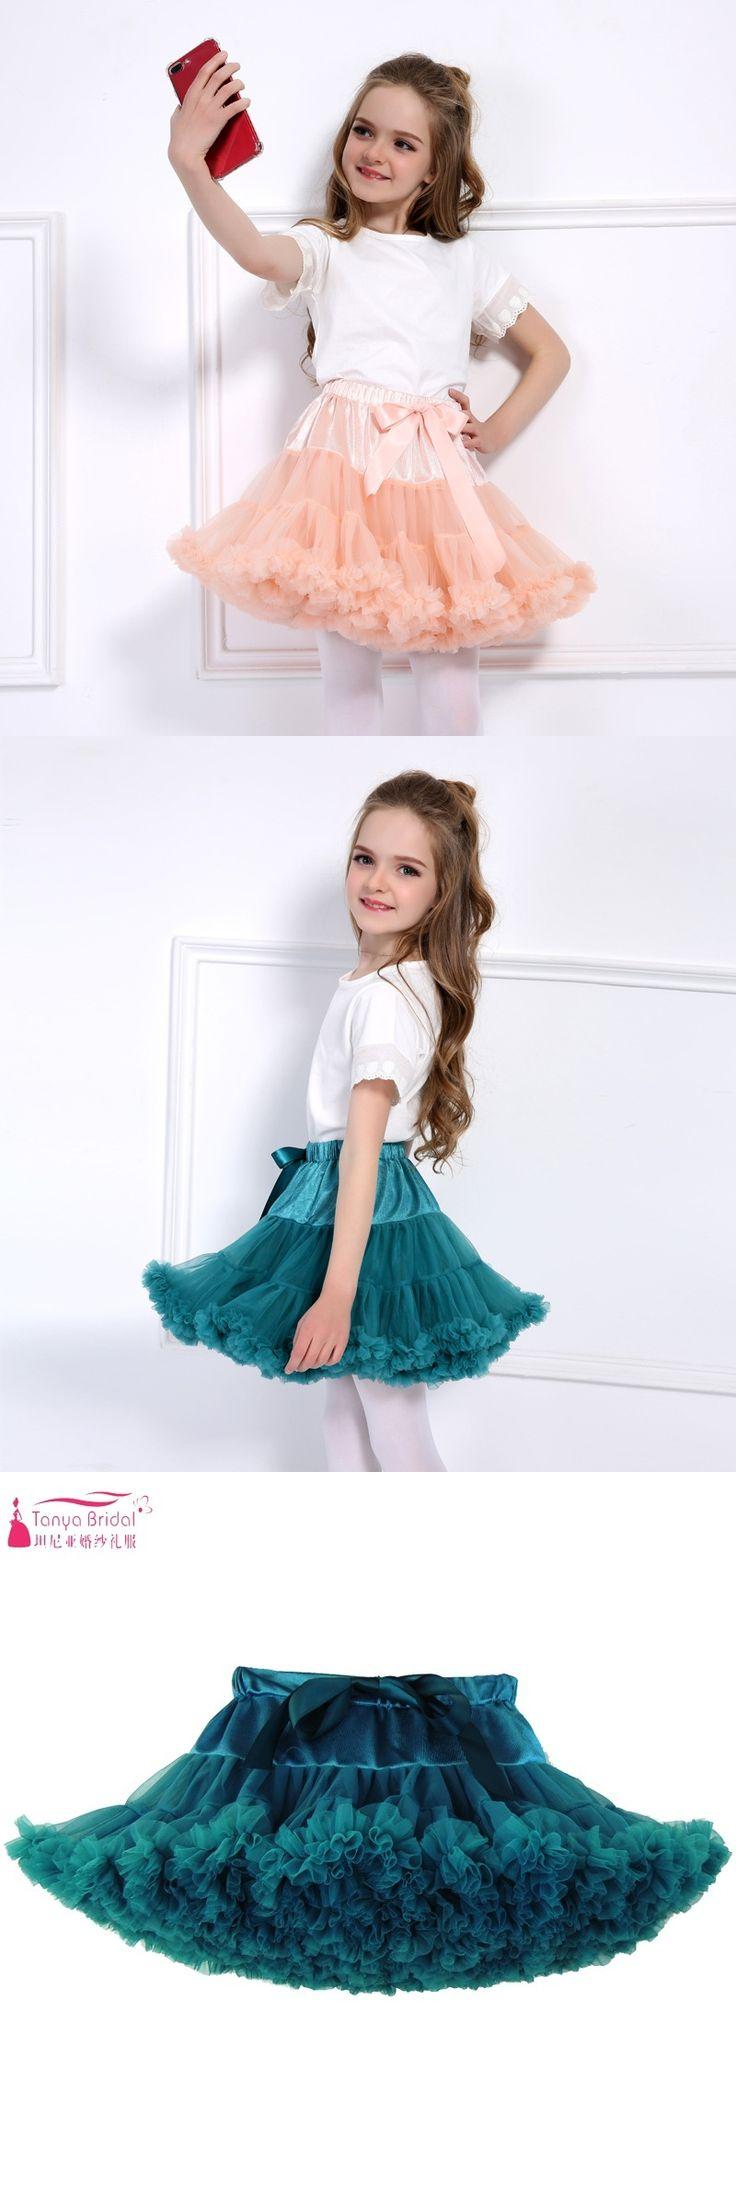 Turquoise Little Girl Tutu Dress Tiered Short Mini Light Blue Pink Tutu Skirt Party Dresses Flower Girl Dresses